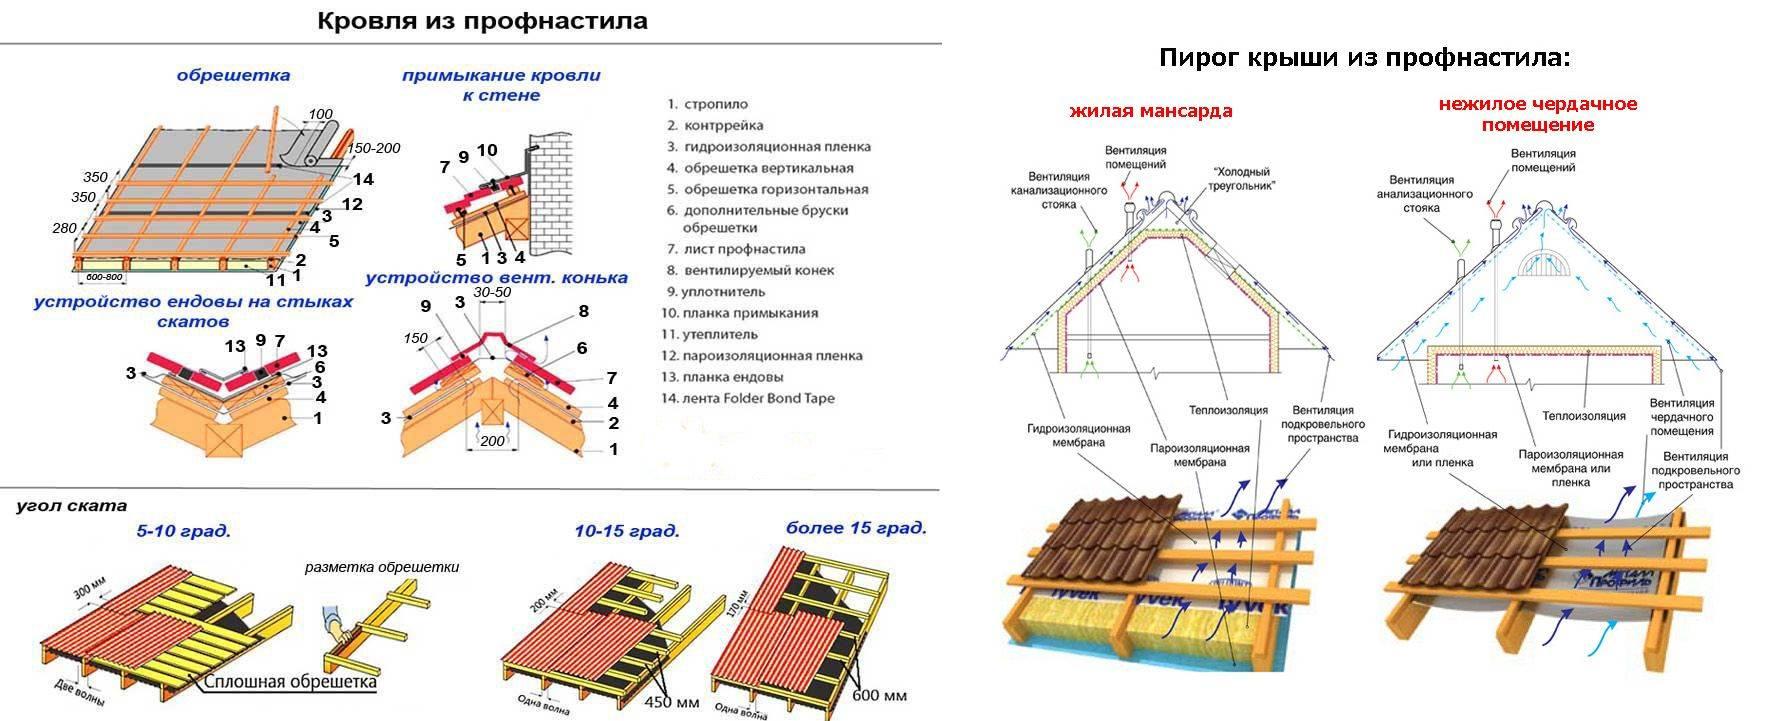 Устройство крыши и кровли из профнастила — схема и инструкция (фото, видео)